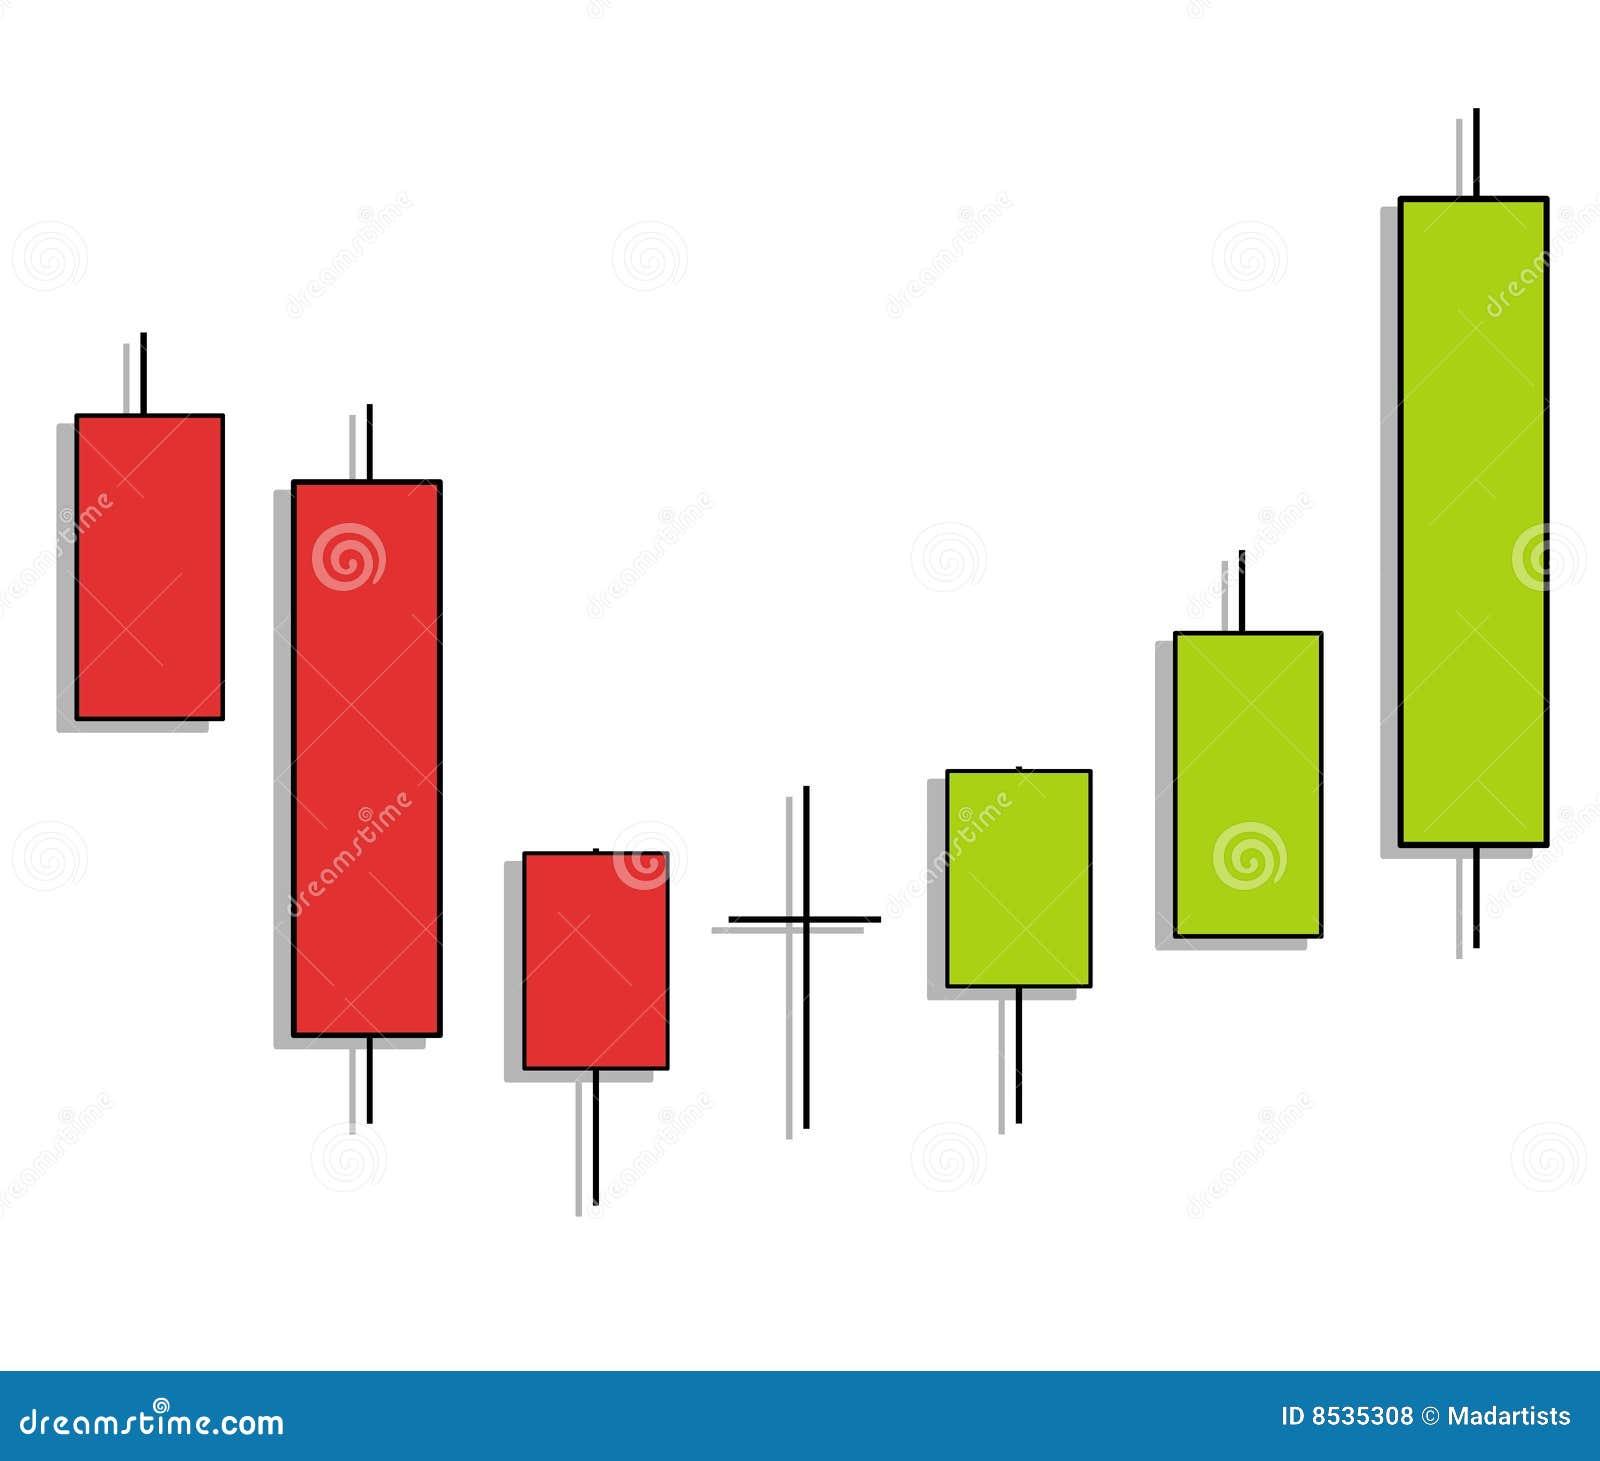 Free binary options candlestick charts